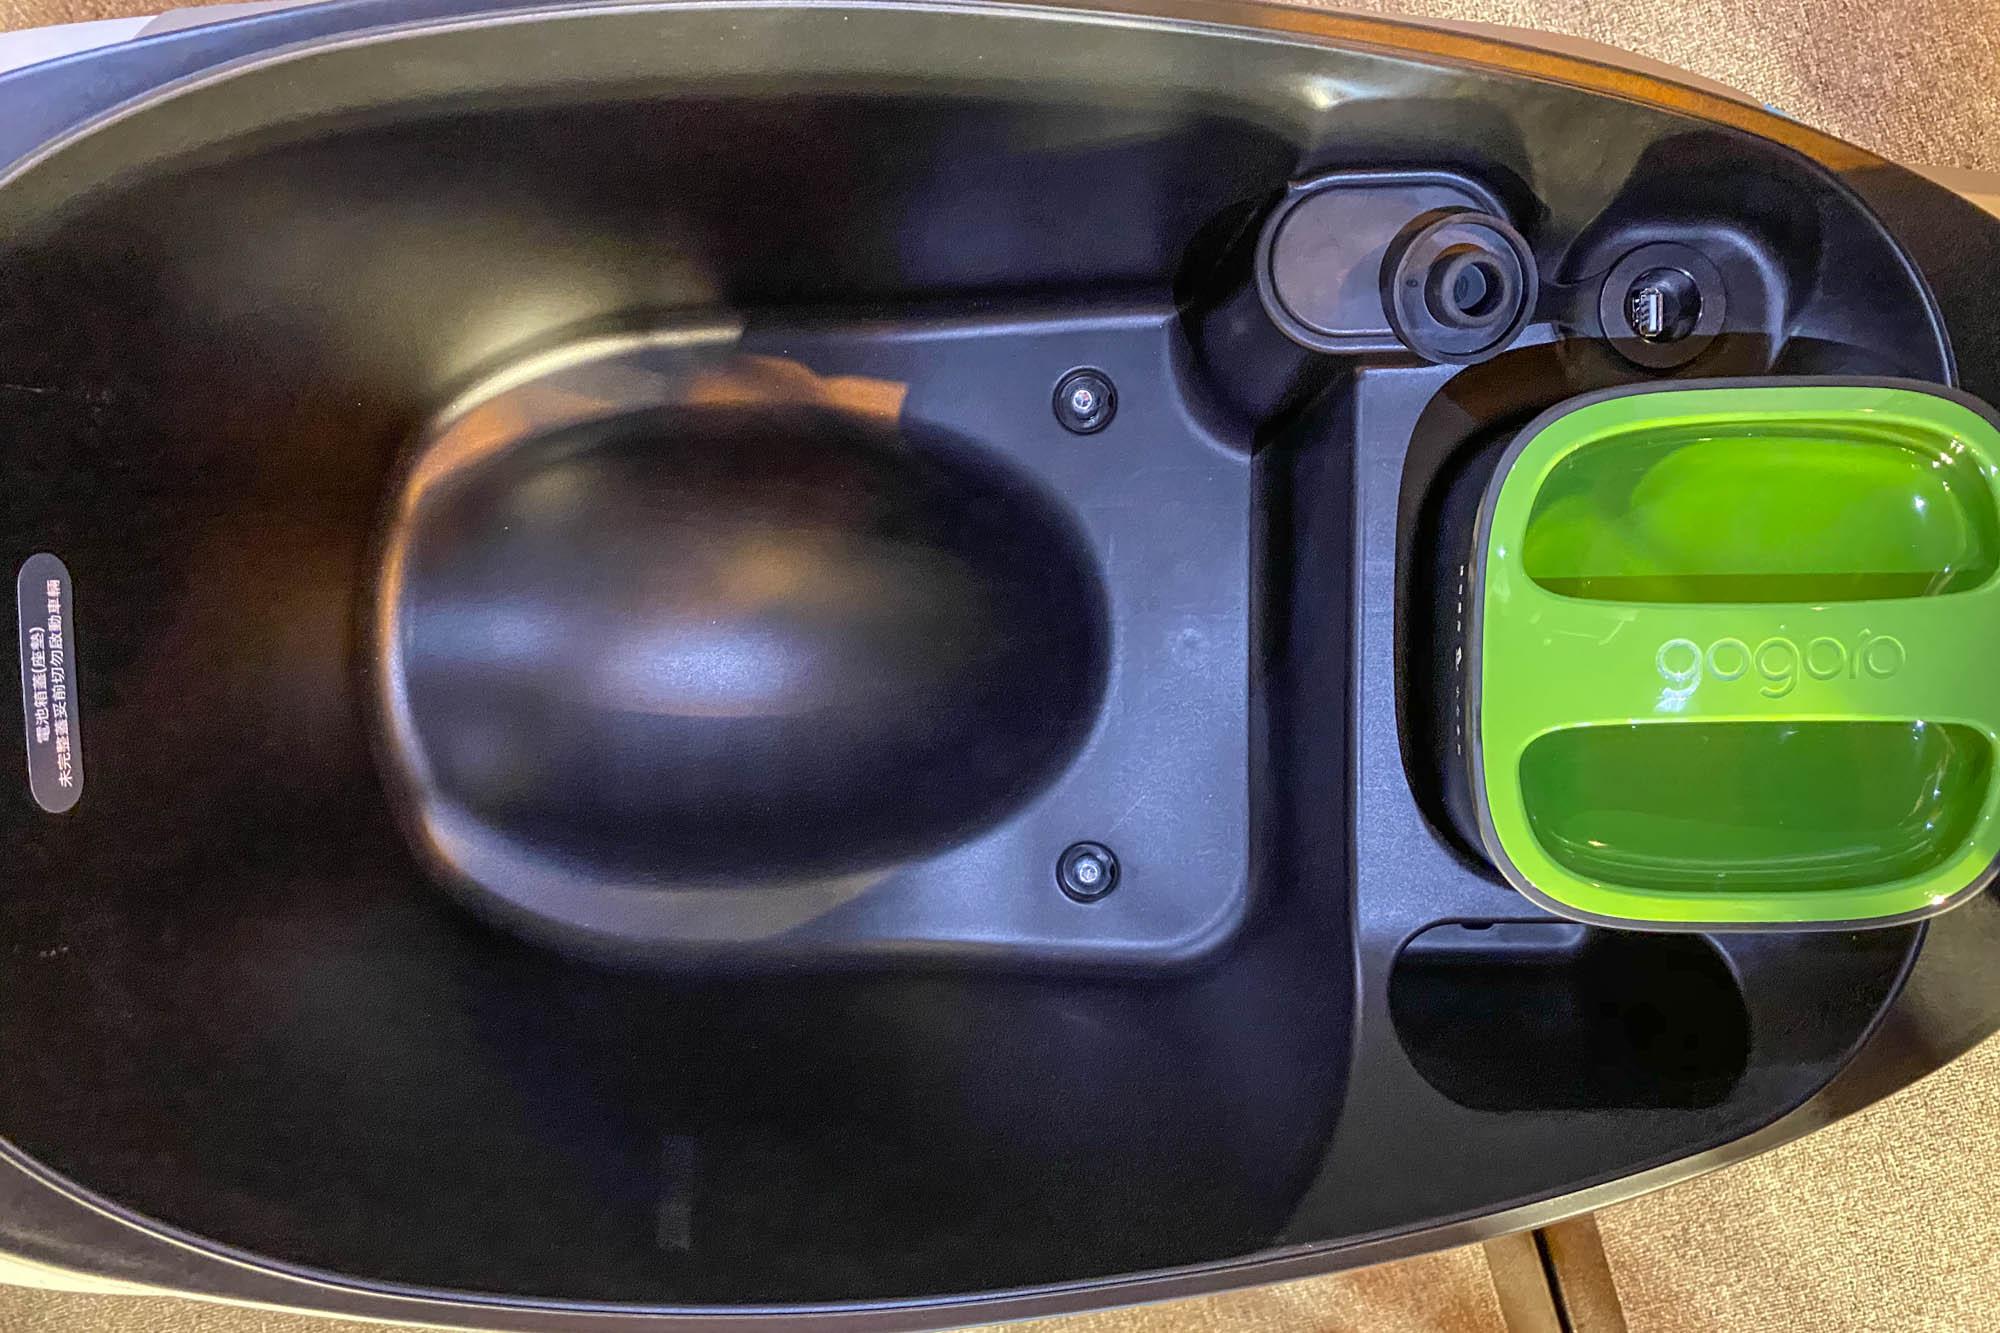 座墊下置物空間設有QC 3.0 USB充的充電插孔。